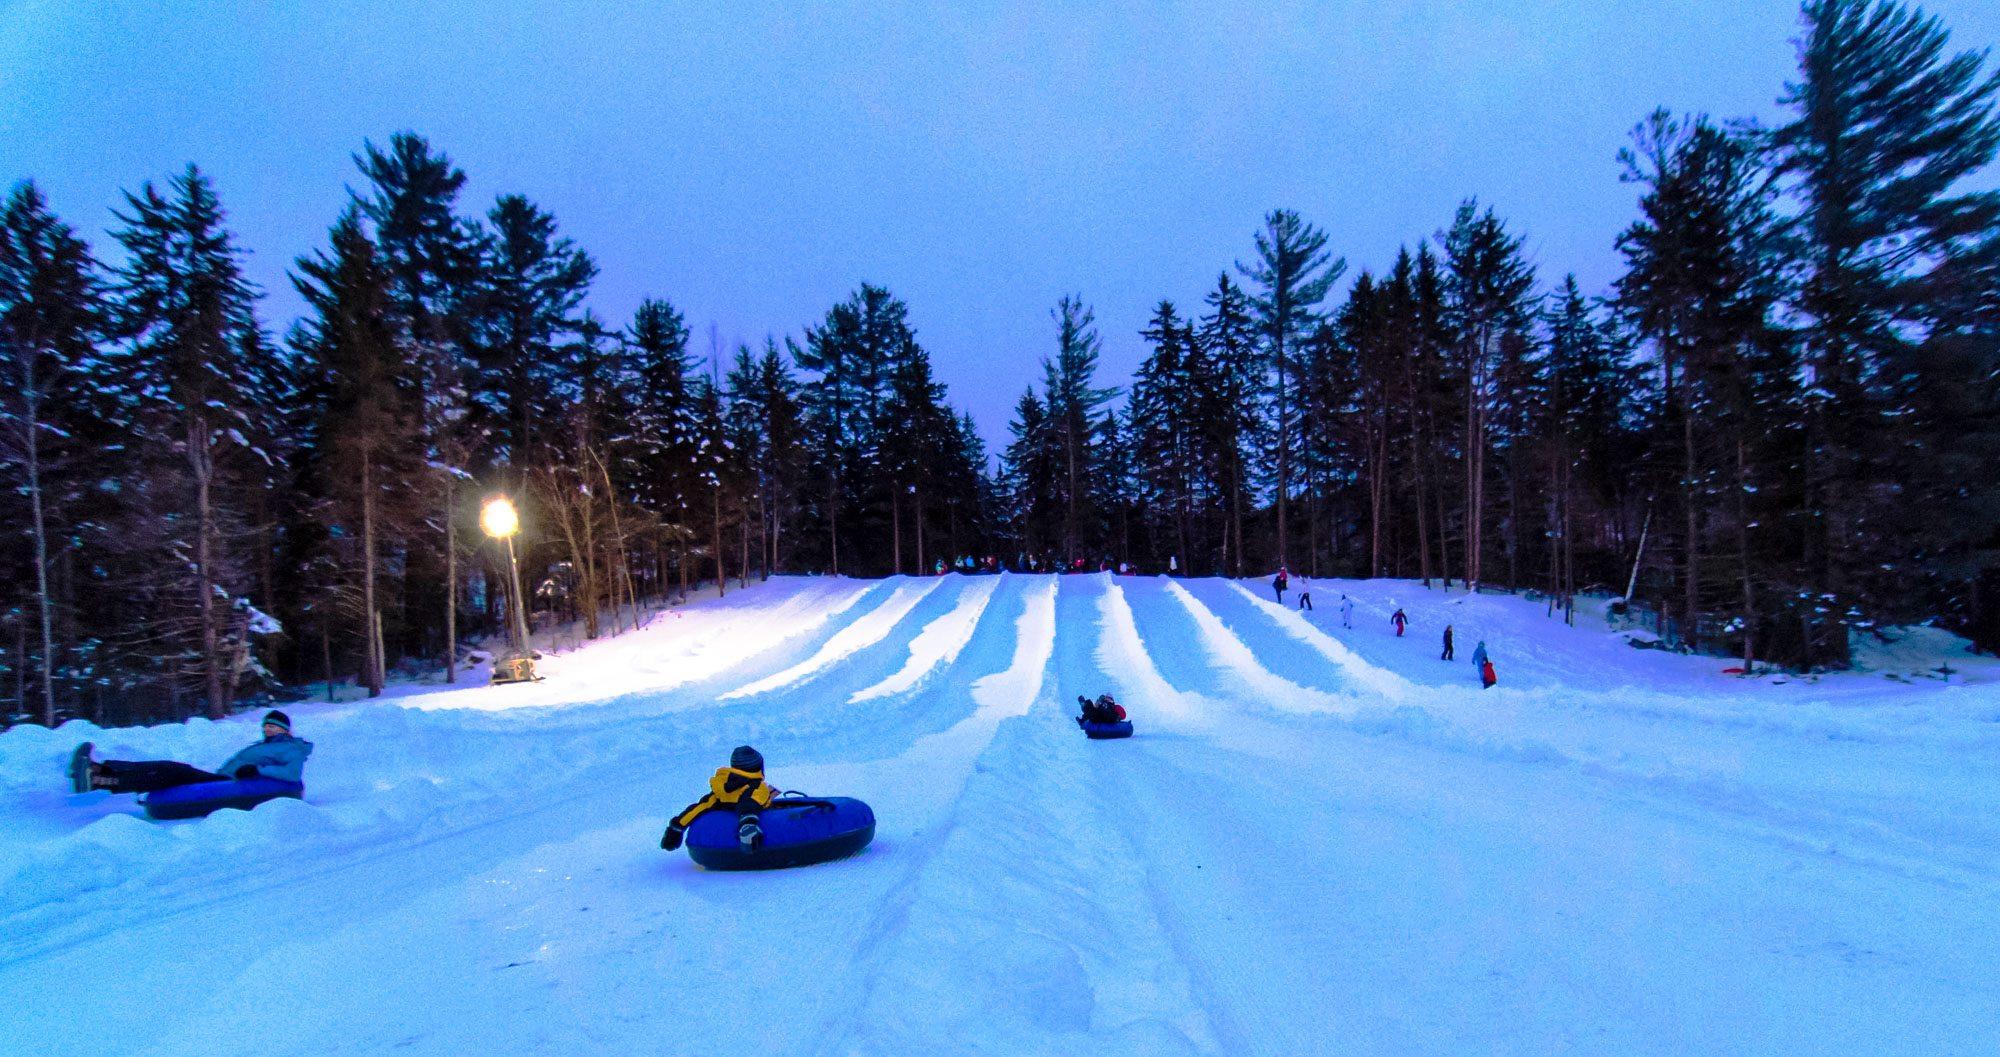 People enjoying tubing at dusk - Waterville ski resort